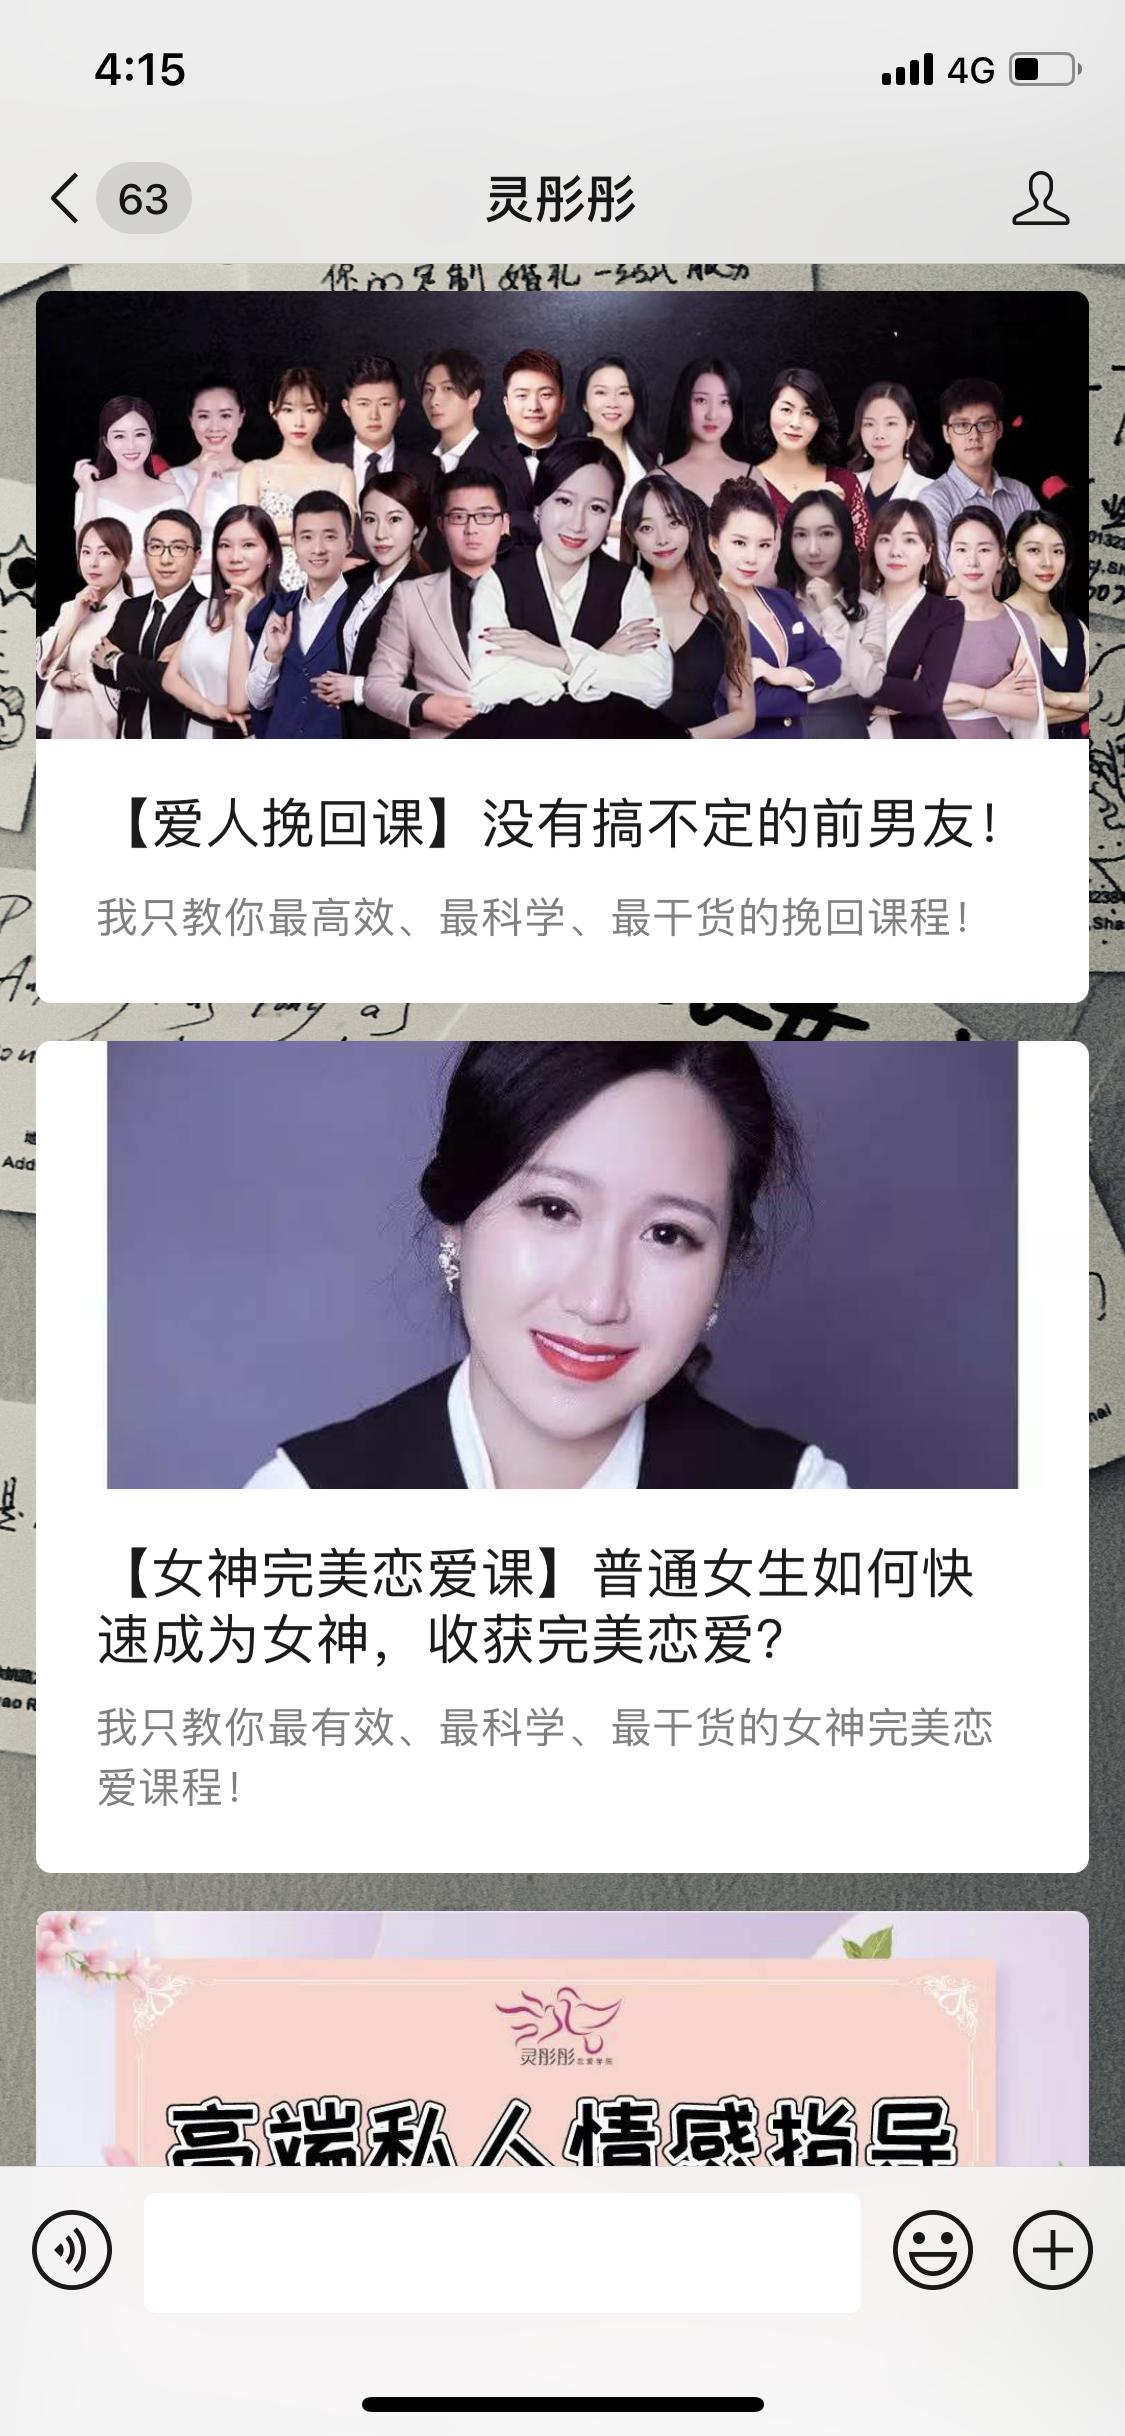 灵彤彤微信公众账号此前发布的文章  图片来源:灵彤彤微信公众账号